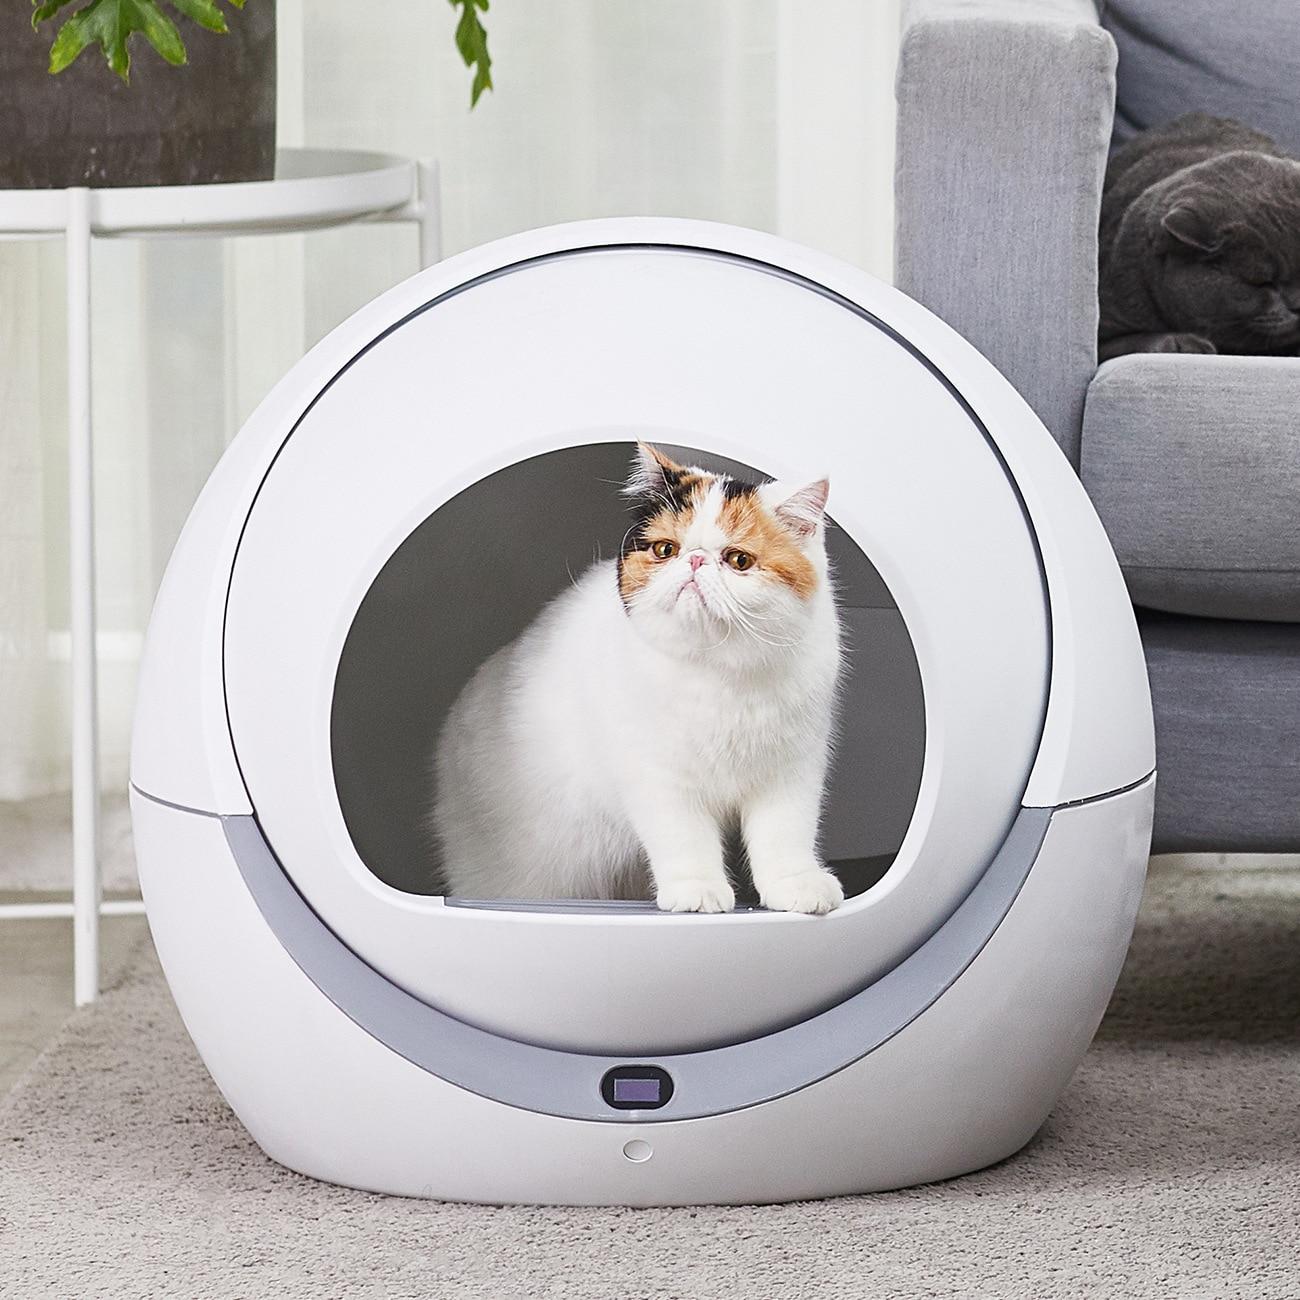 Automatico gatto wc automatico gatto sandbox induzione rotante di pulizia gatto robot lettiera grande gattino di pulizia lettiera